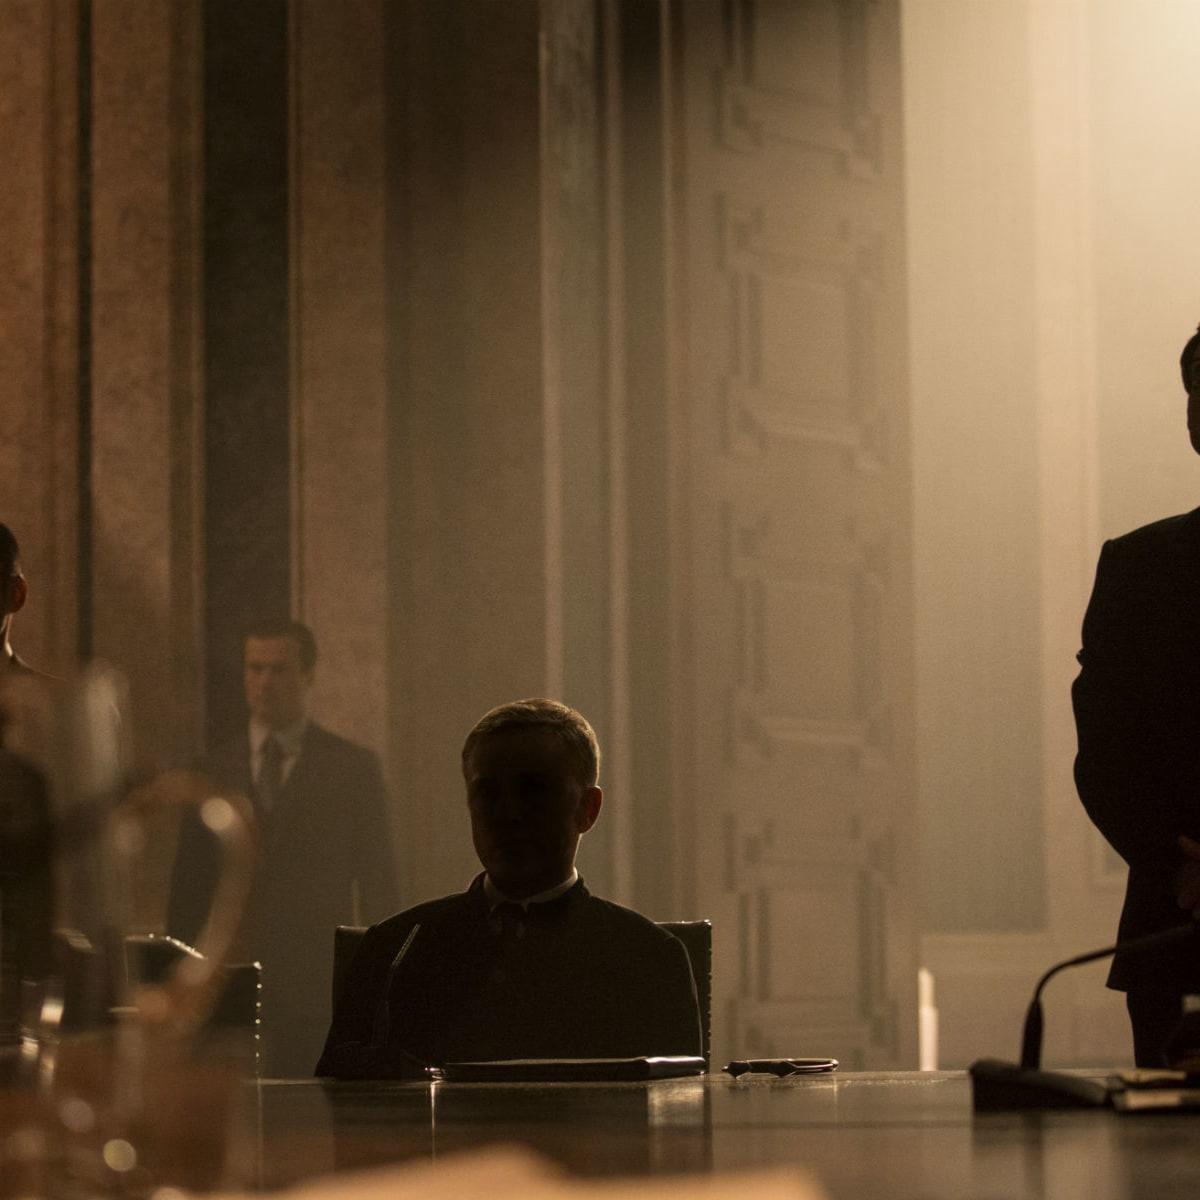 Christoph Waltz in Spectre